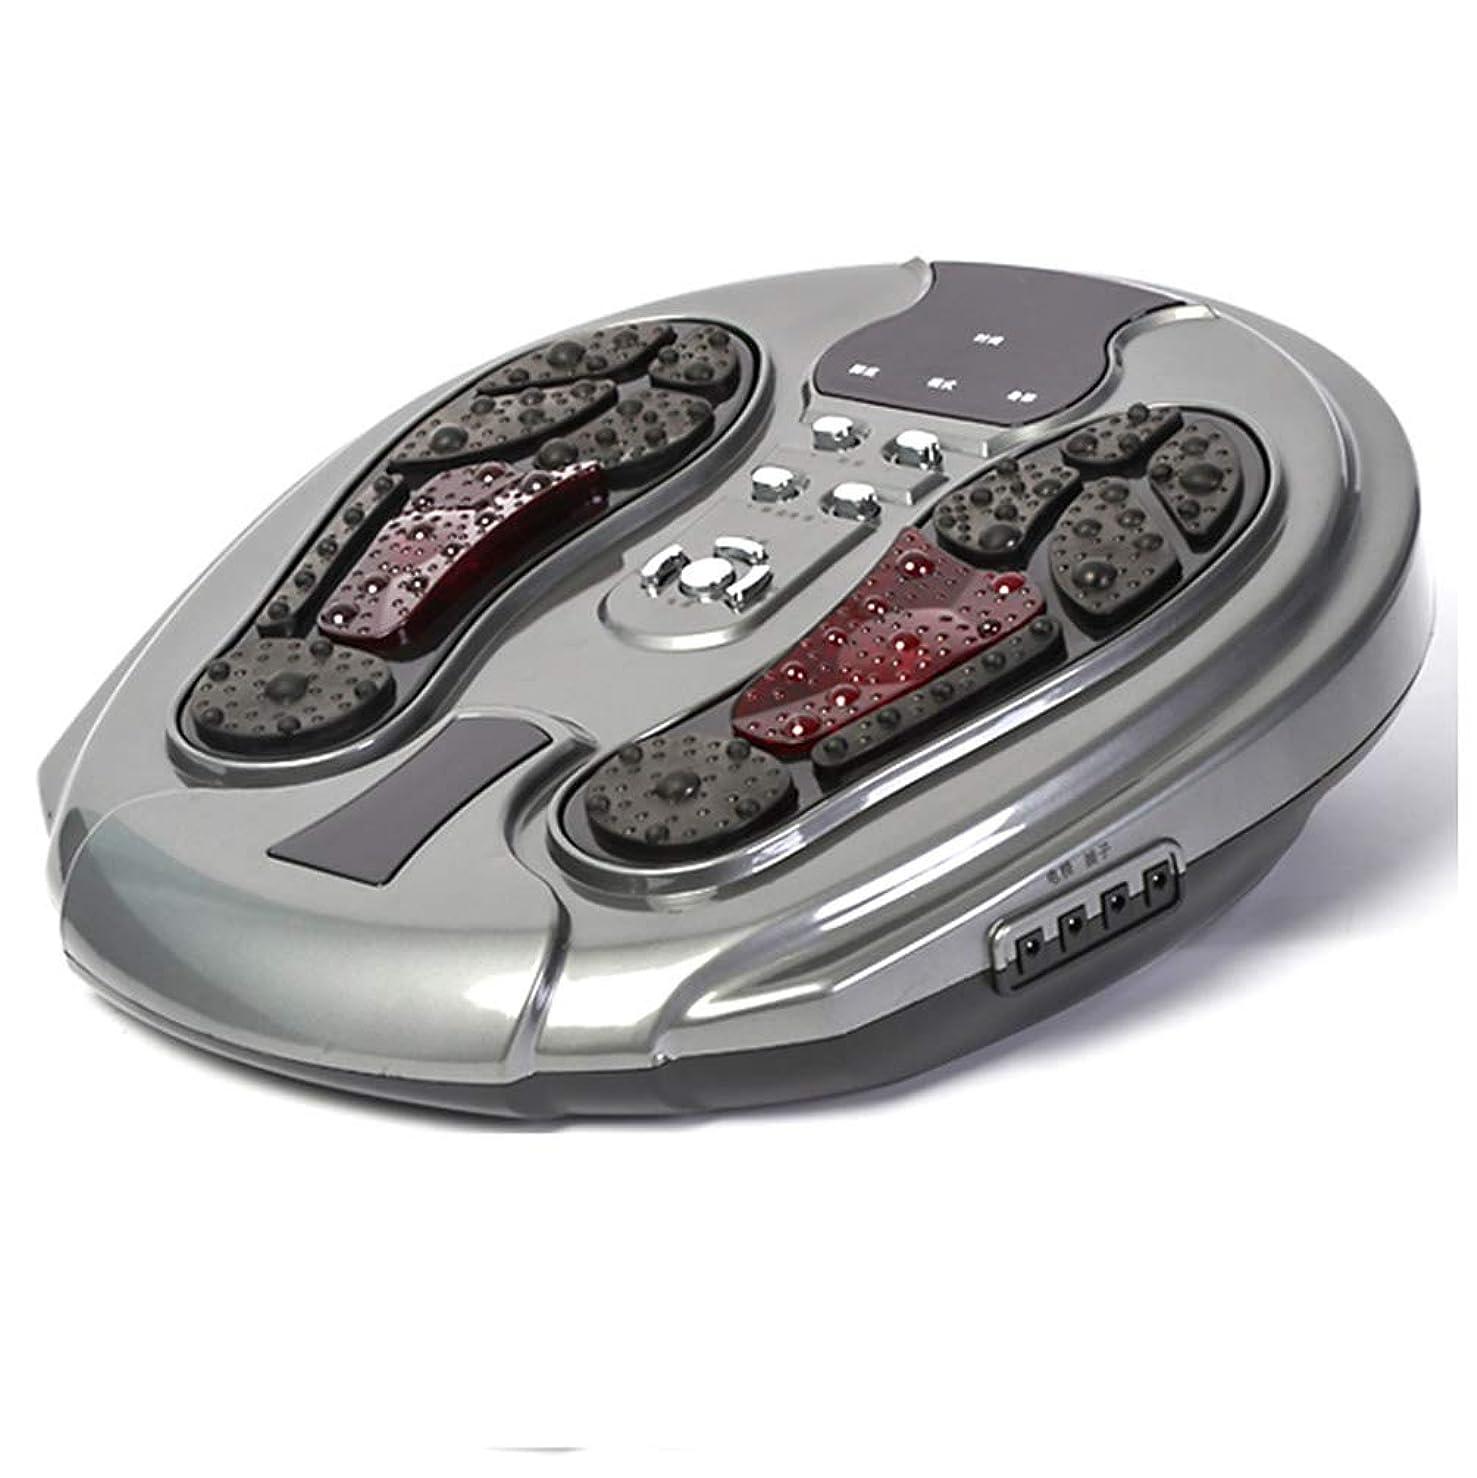 コック自宅で演じる電気の 足裏マッサージ機、空気圧縮、足指マッサージおよび家庭でのストレス解消のための熱を伴う電気指圧足裏マッサージ 人間工学的デザイン, gray